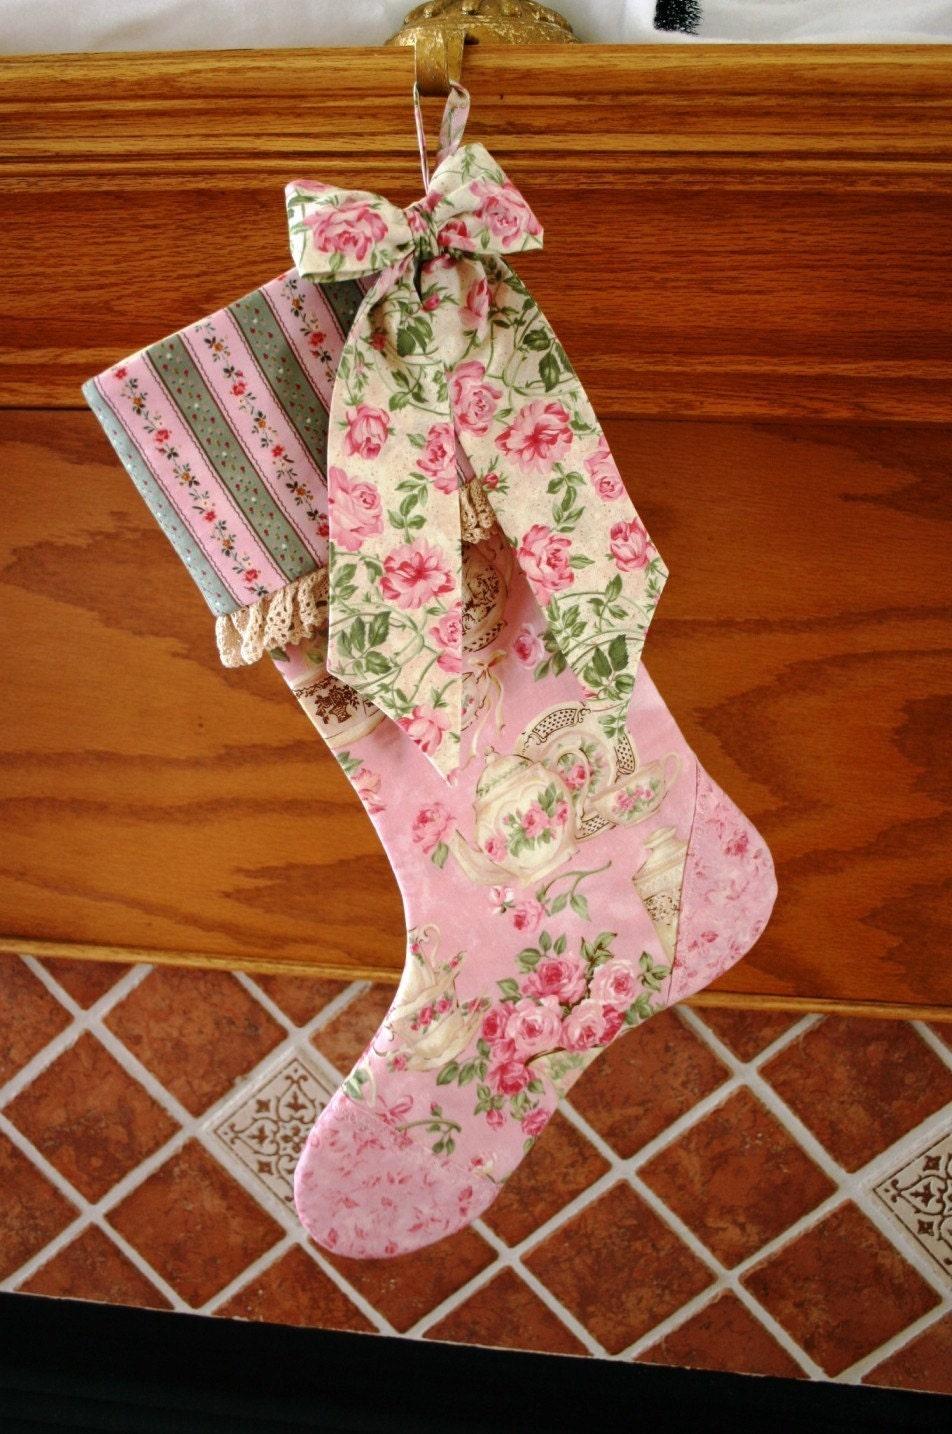 Stocking Natal Padrão PDF Pattern Bow LIVRE Big vitoriana, Shabby Chic, Decoração férias tradicionais